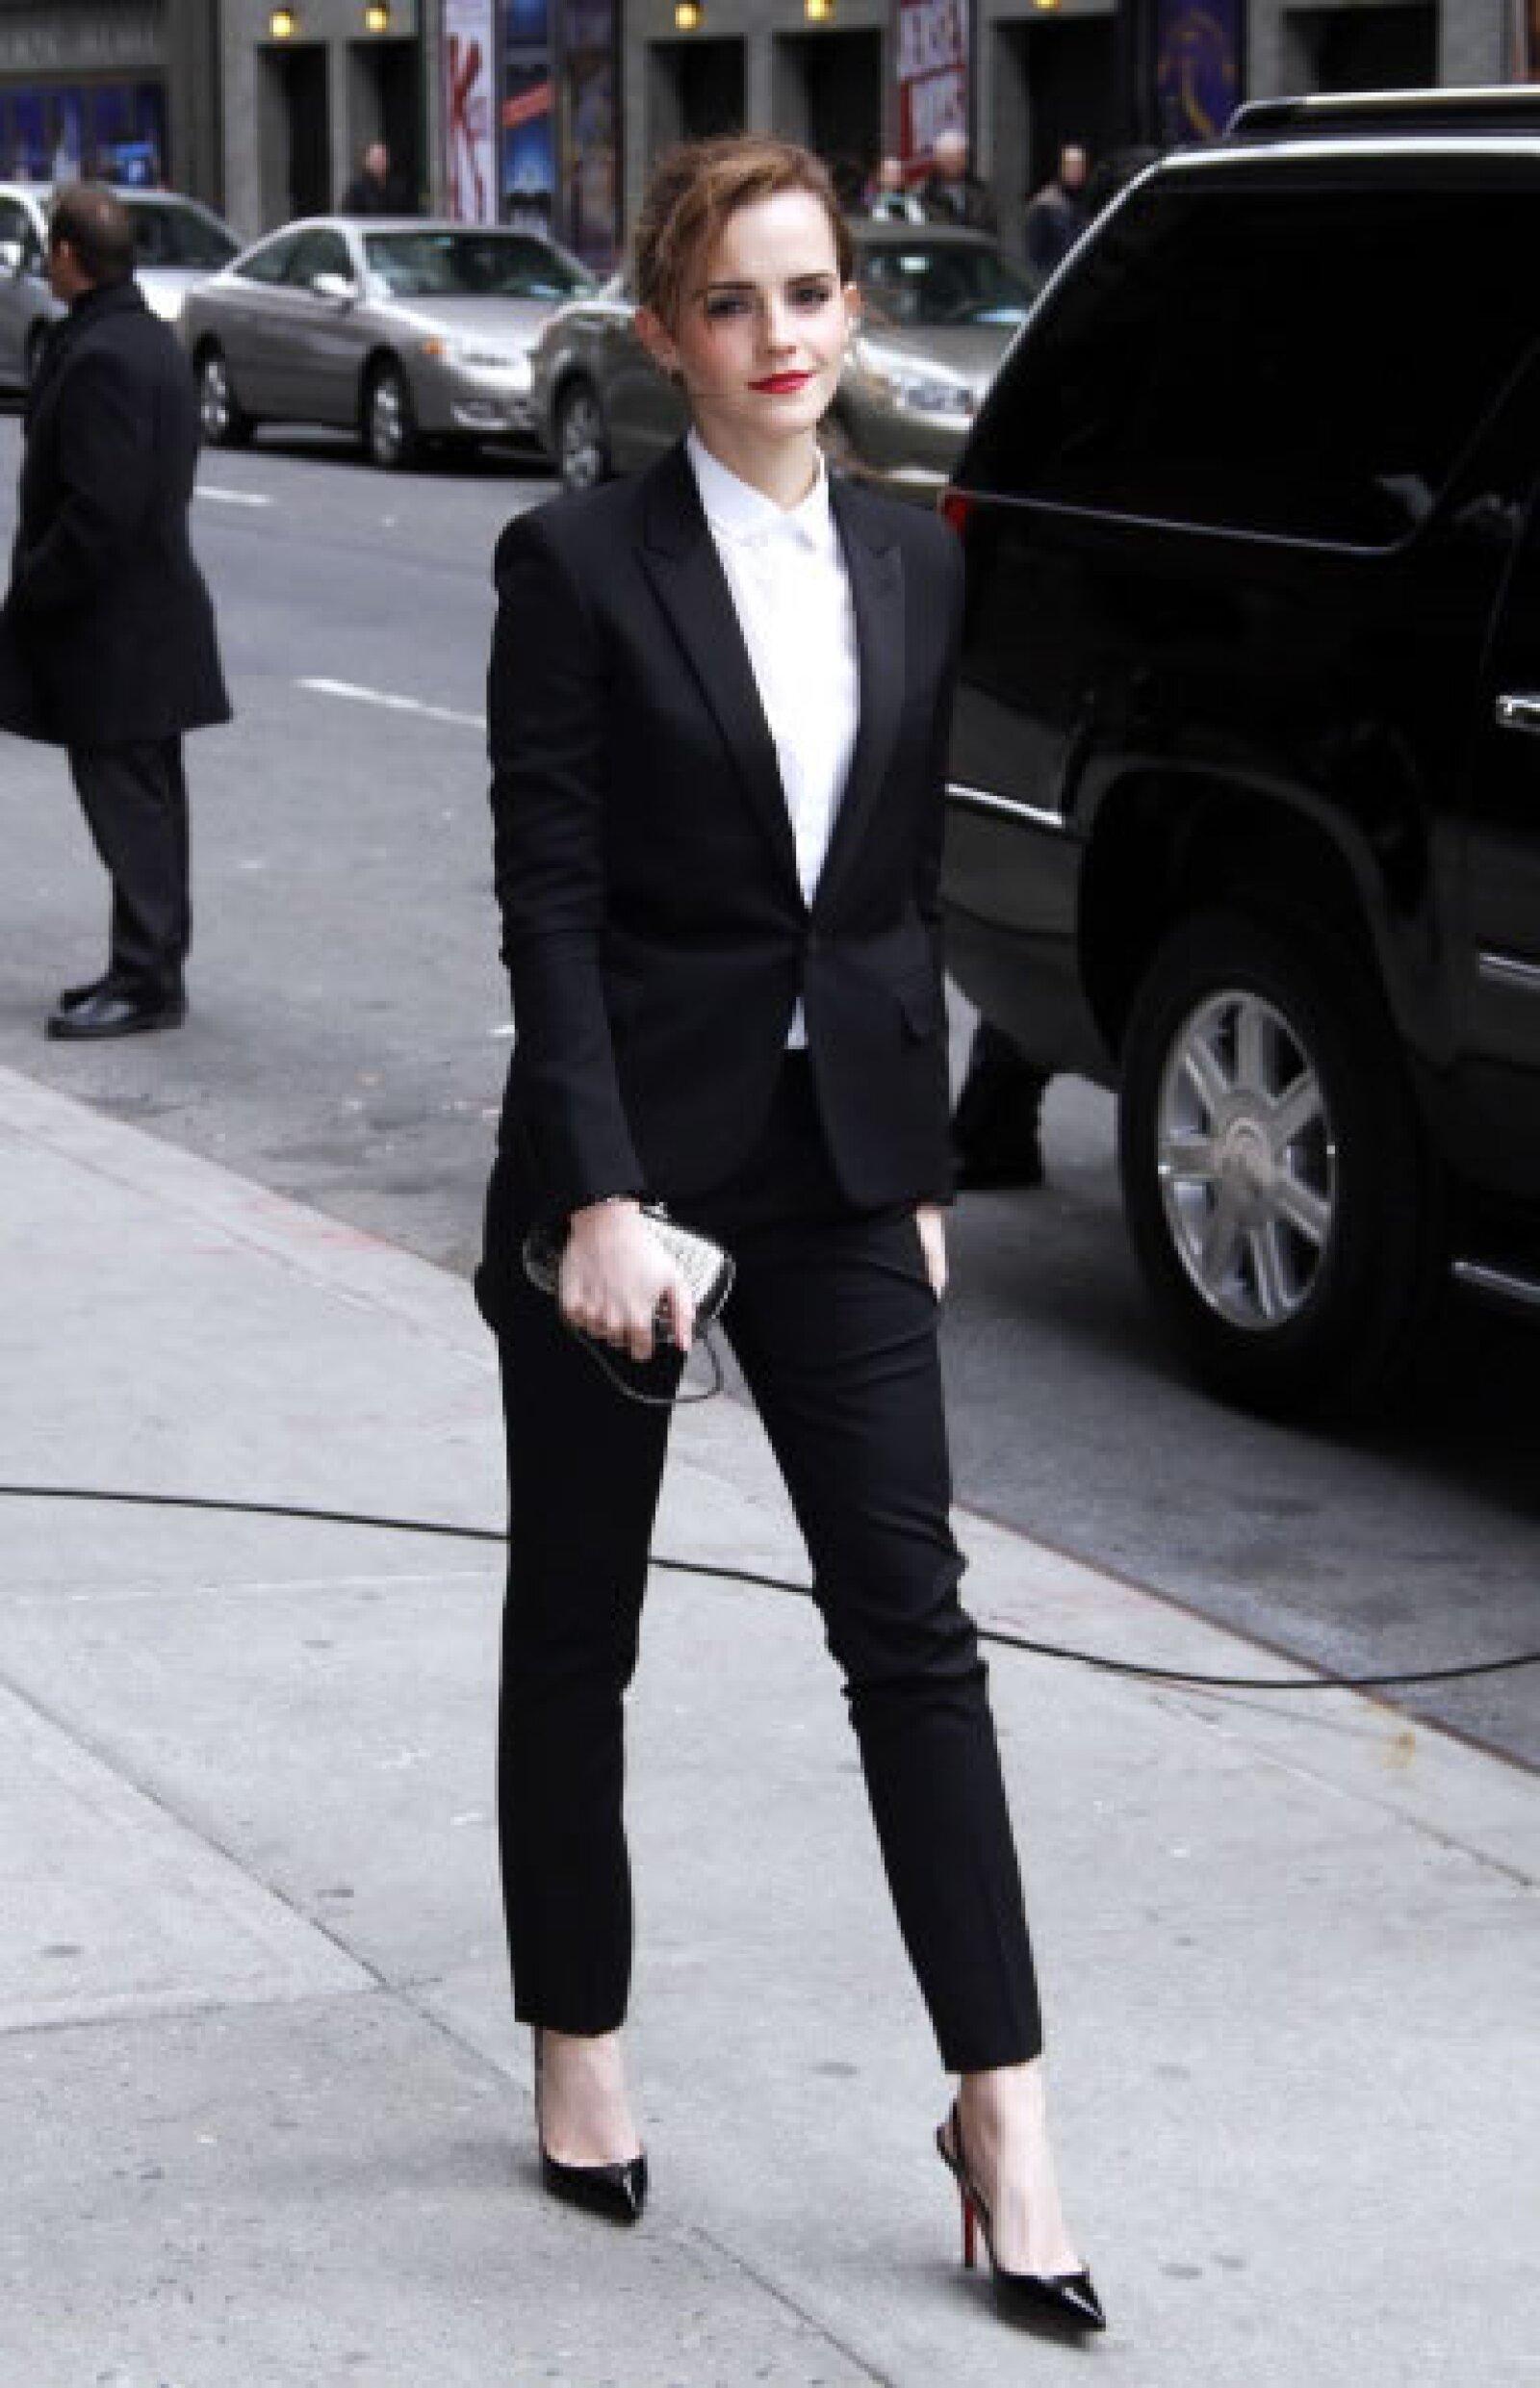 Aquí vemos  a la actriz con un outfit bicolor, una de sus combinaciones preferidas. Añadiendo pointy heels y labial rojo creó un look elegante rápidamente.